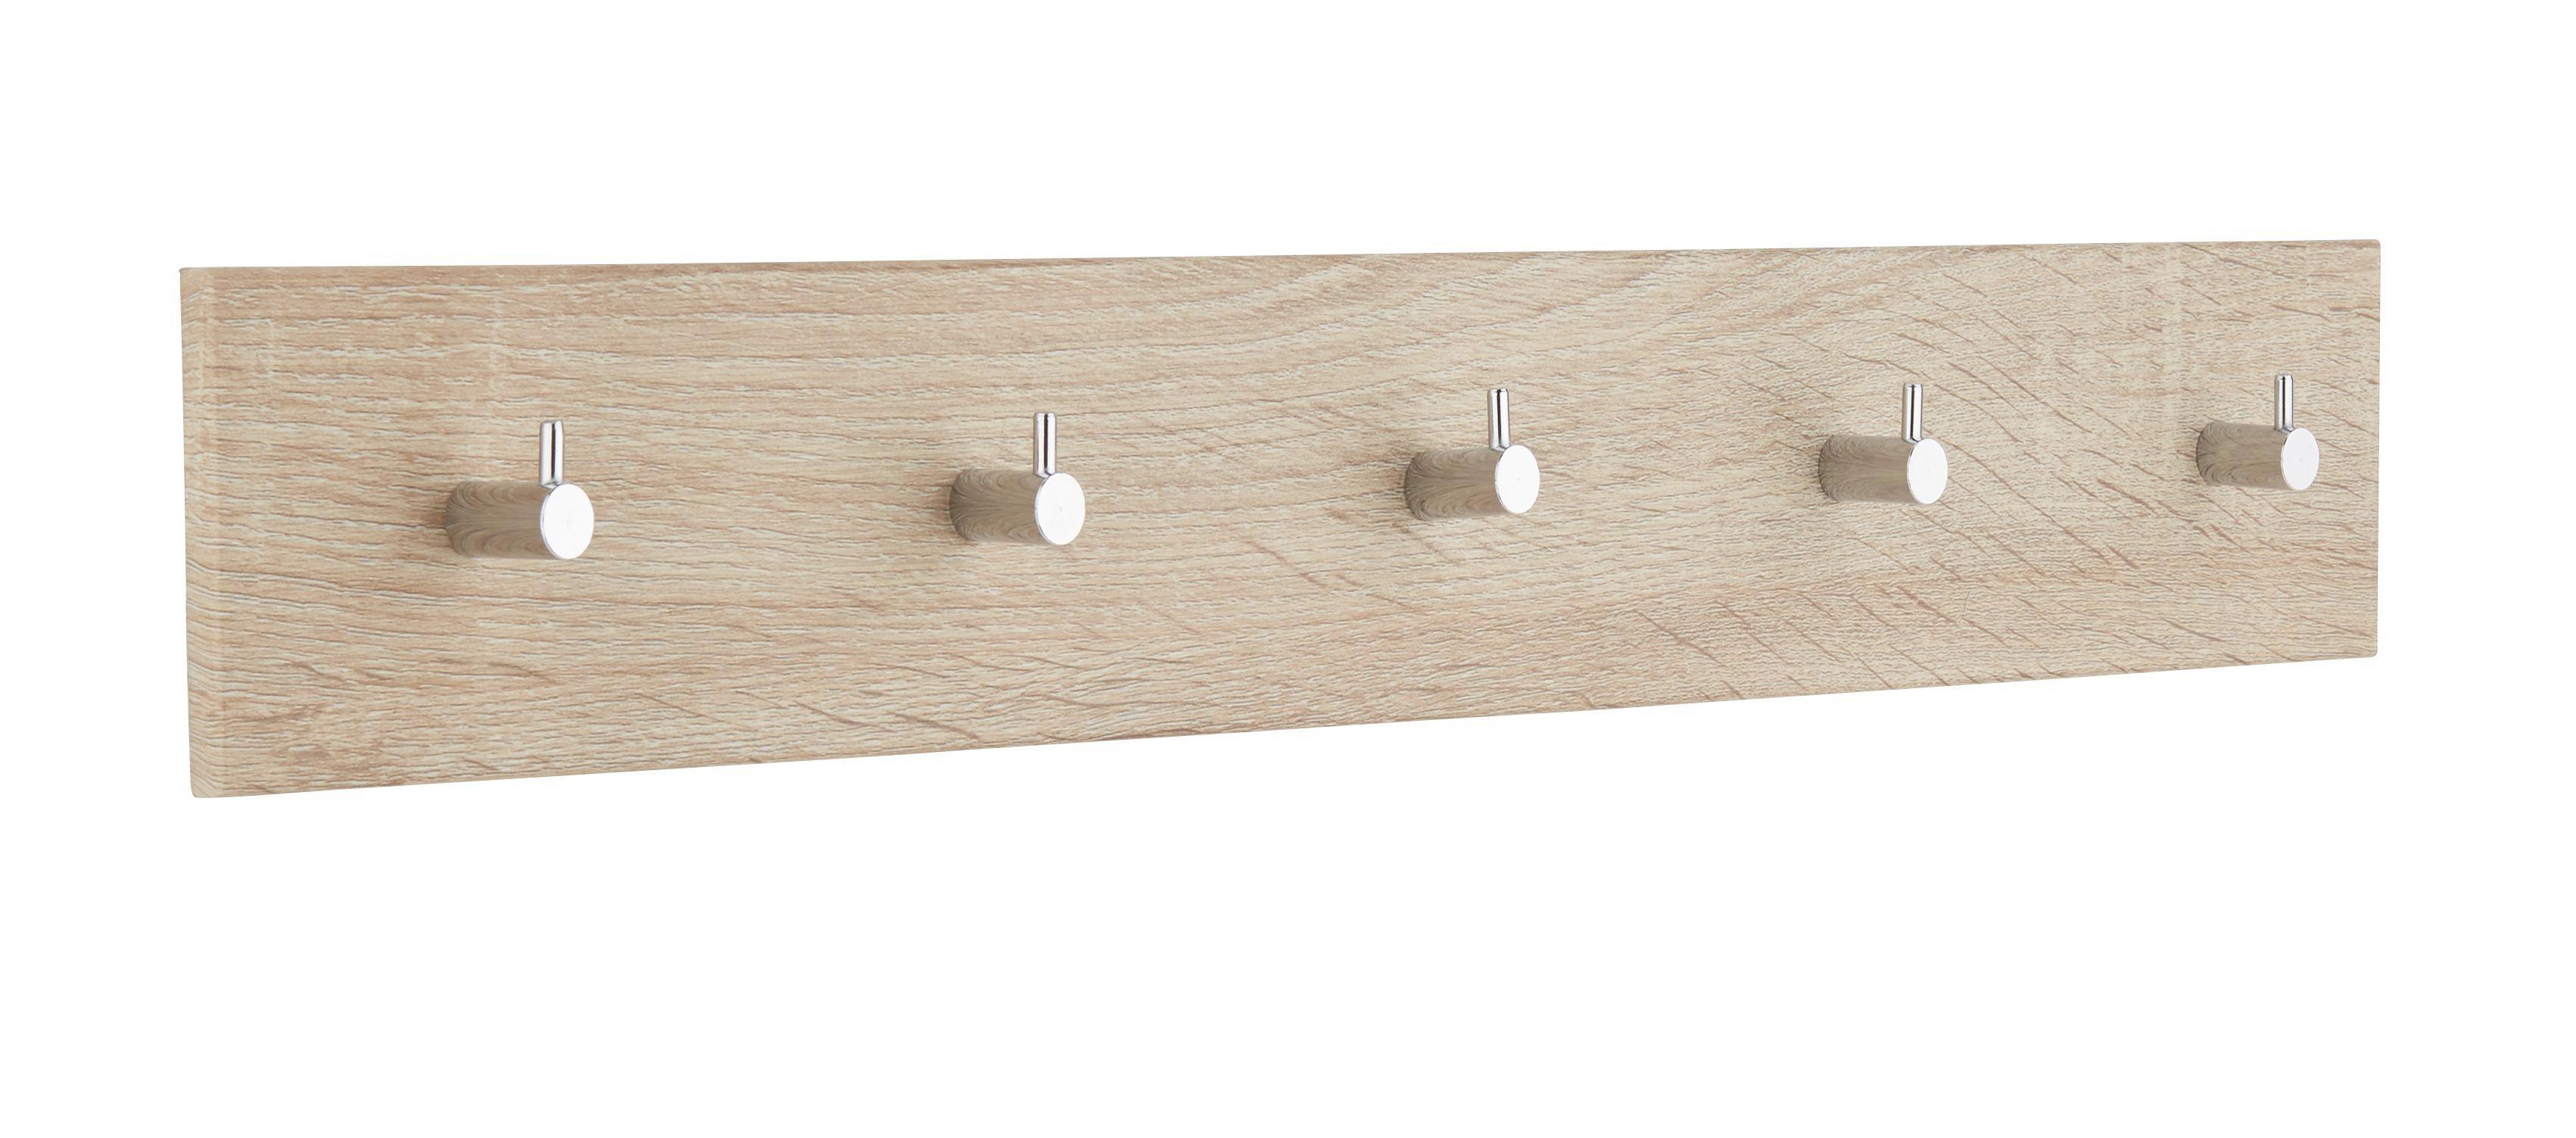 Hakenleiste in Eichefarben, 5 Haken - Eichefarben, Holz/Metall (57/8/5cm) - MÖMAX modern living